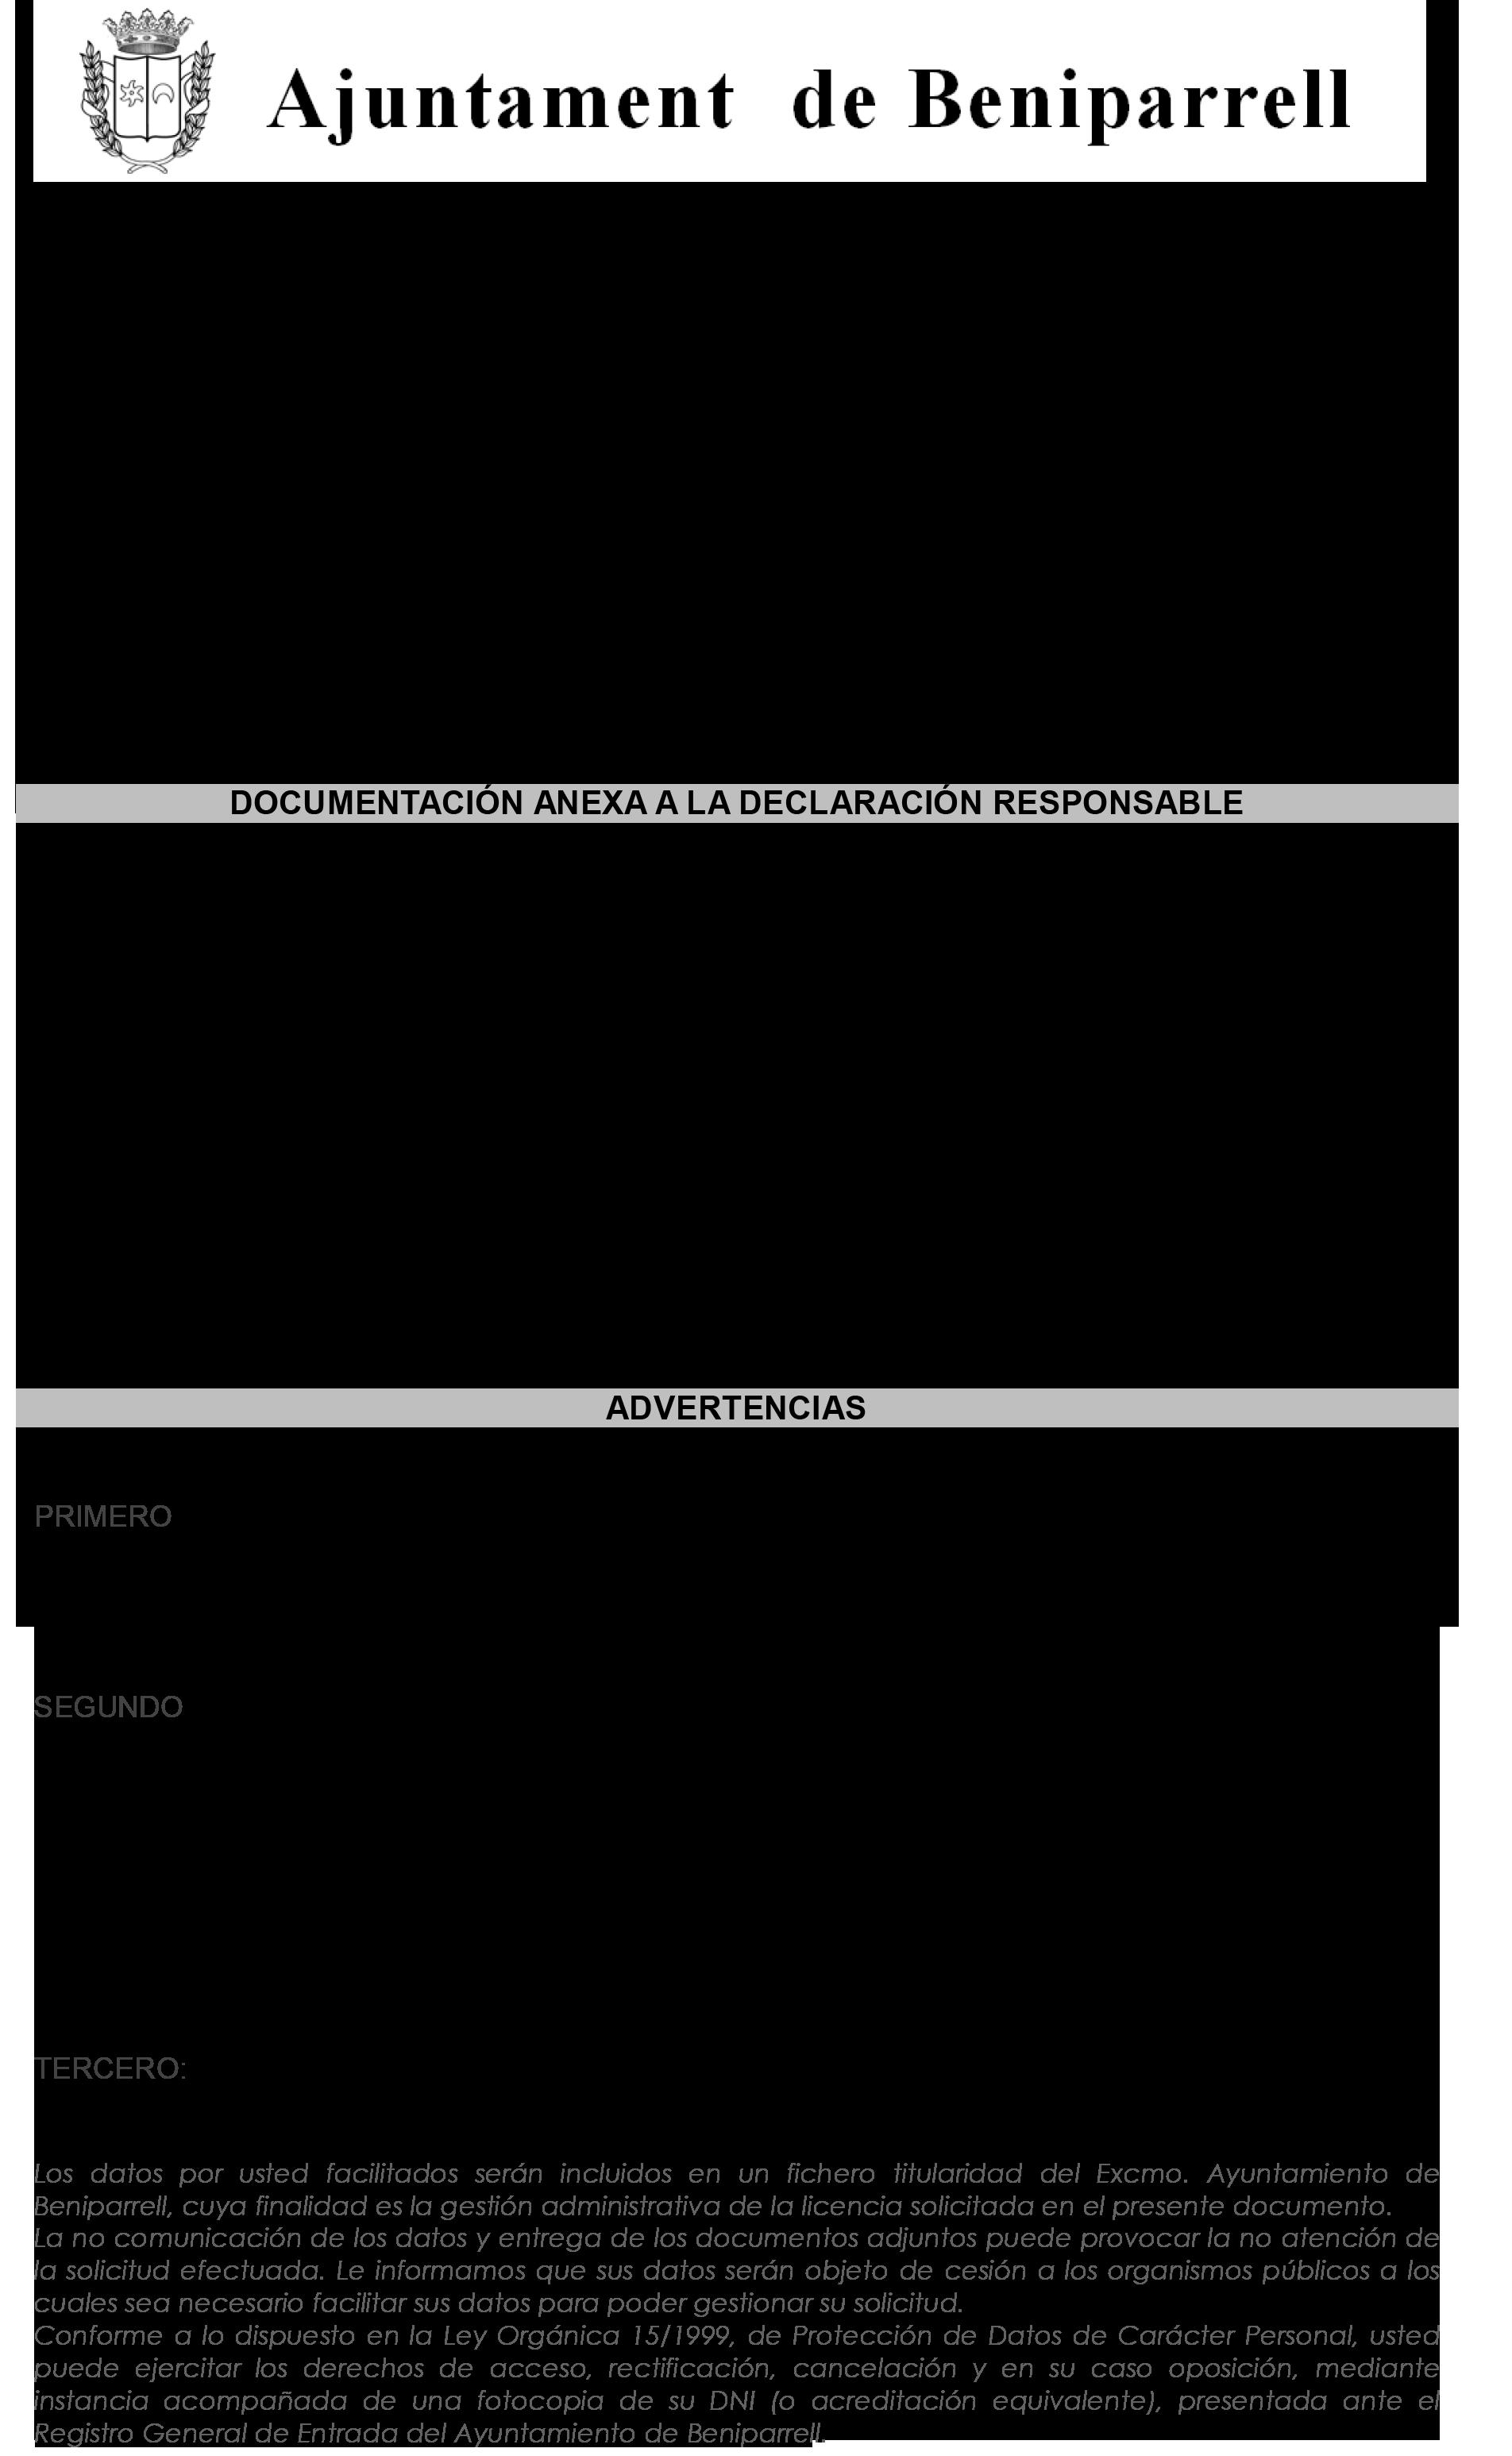 Impreso Declaración Responsable Segunda Ocupación - Beniparrell 3